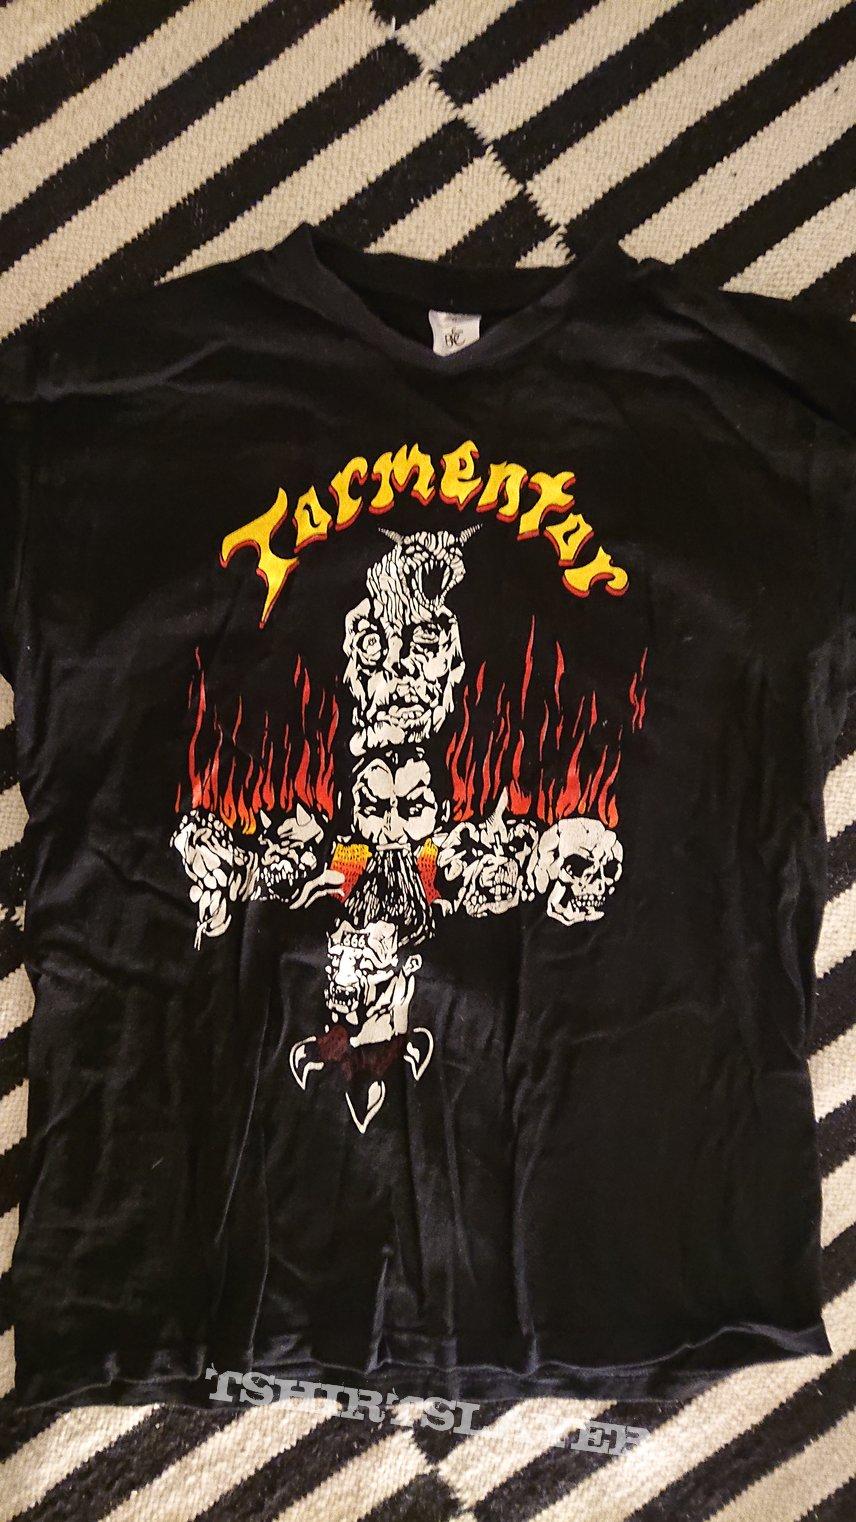 Tormentor T-shirt